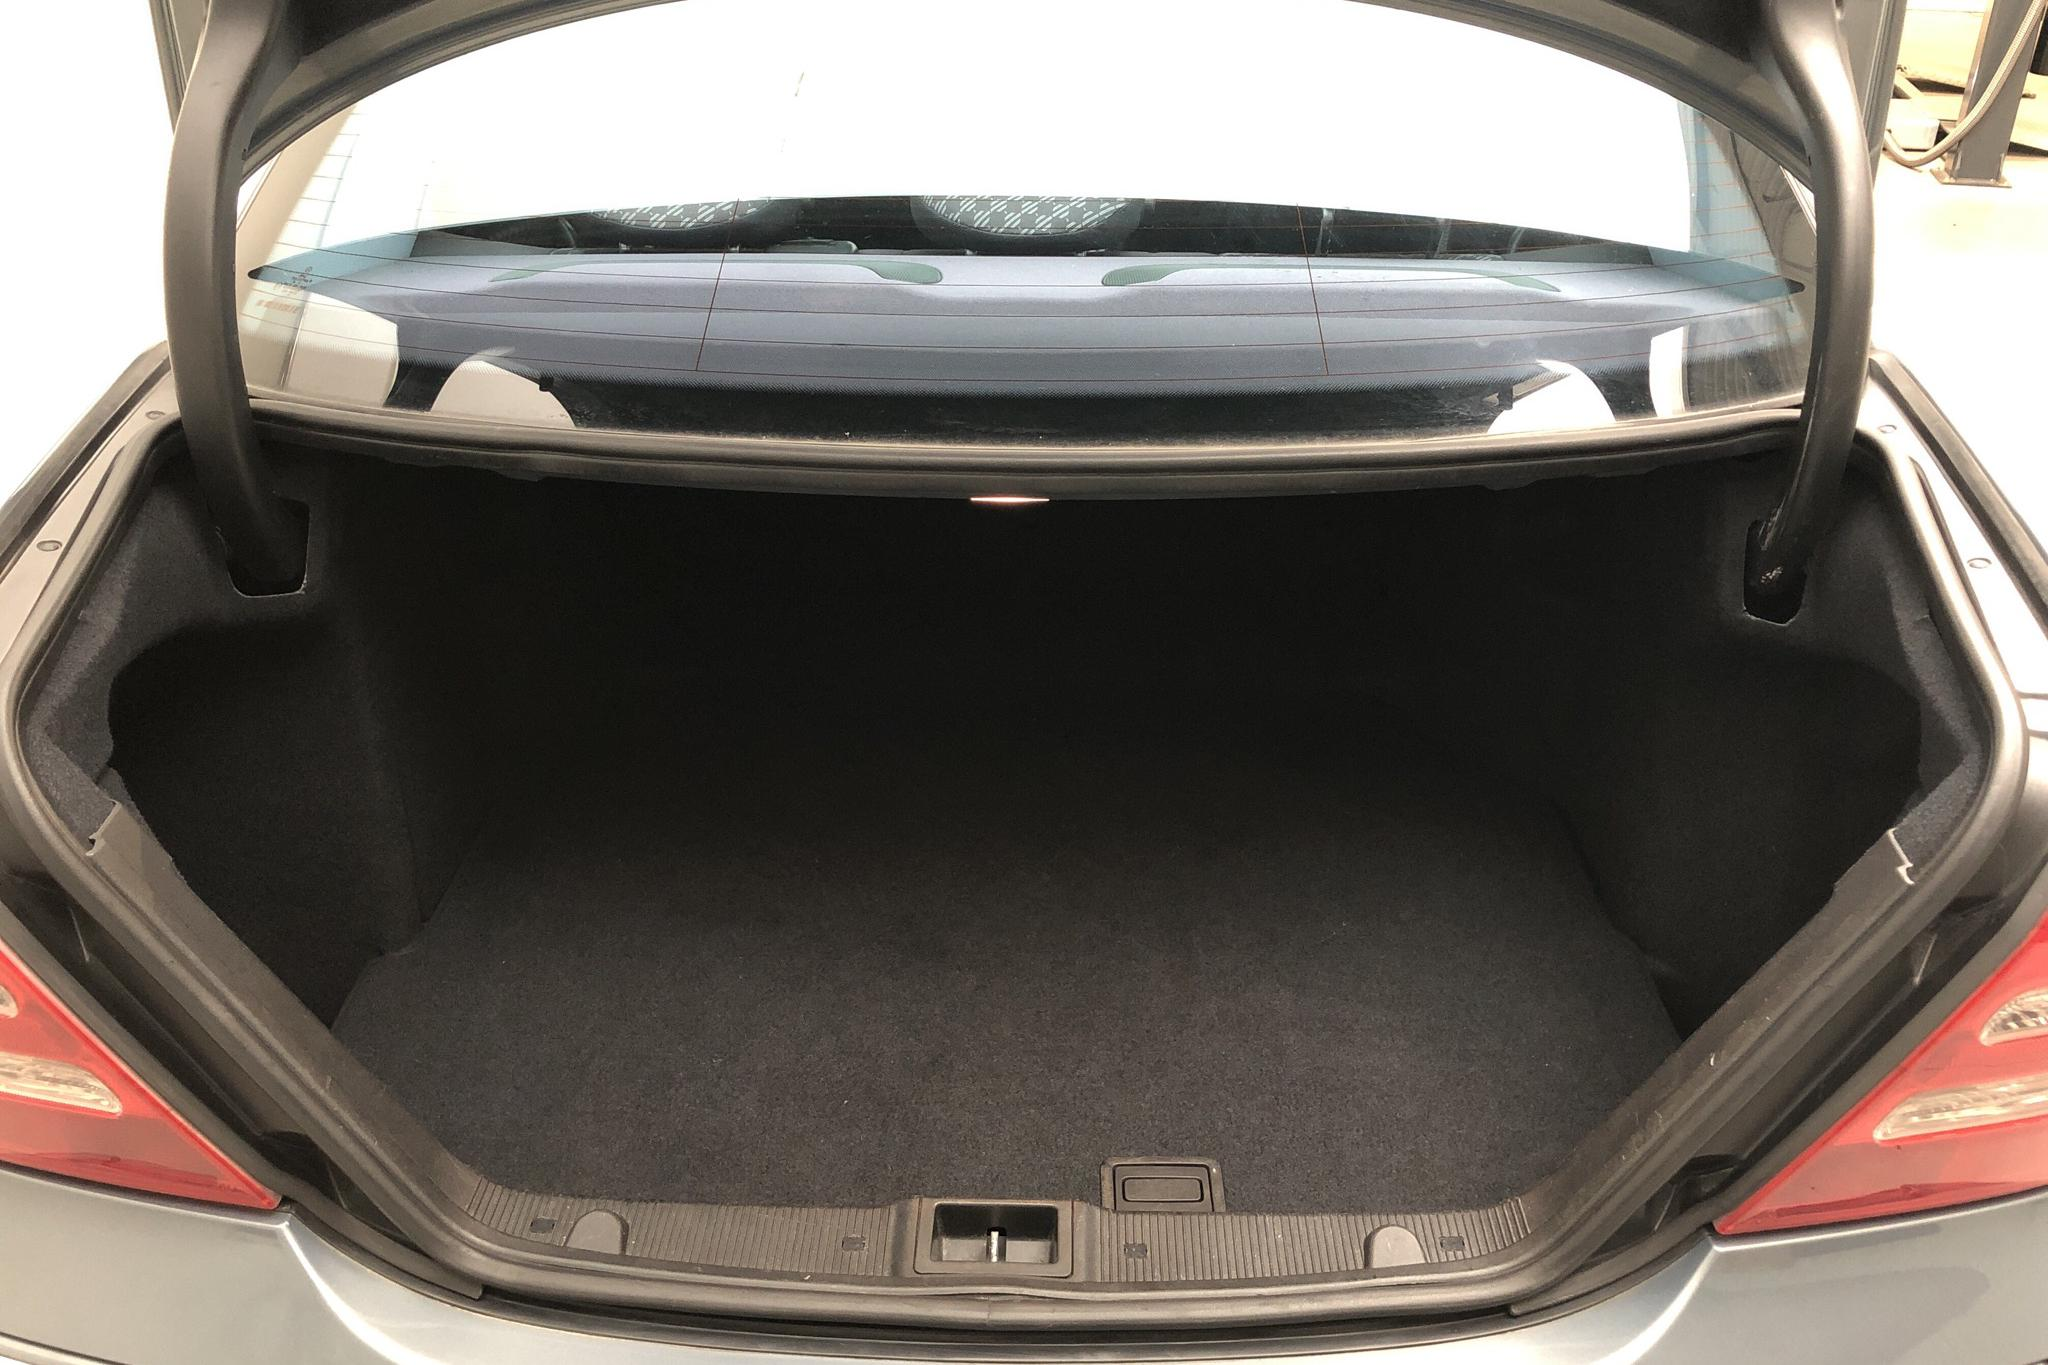 Mercedes C 180 Kompressor W203 (143hk) - 15 476 mil - Automat - grå - 2004